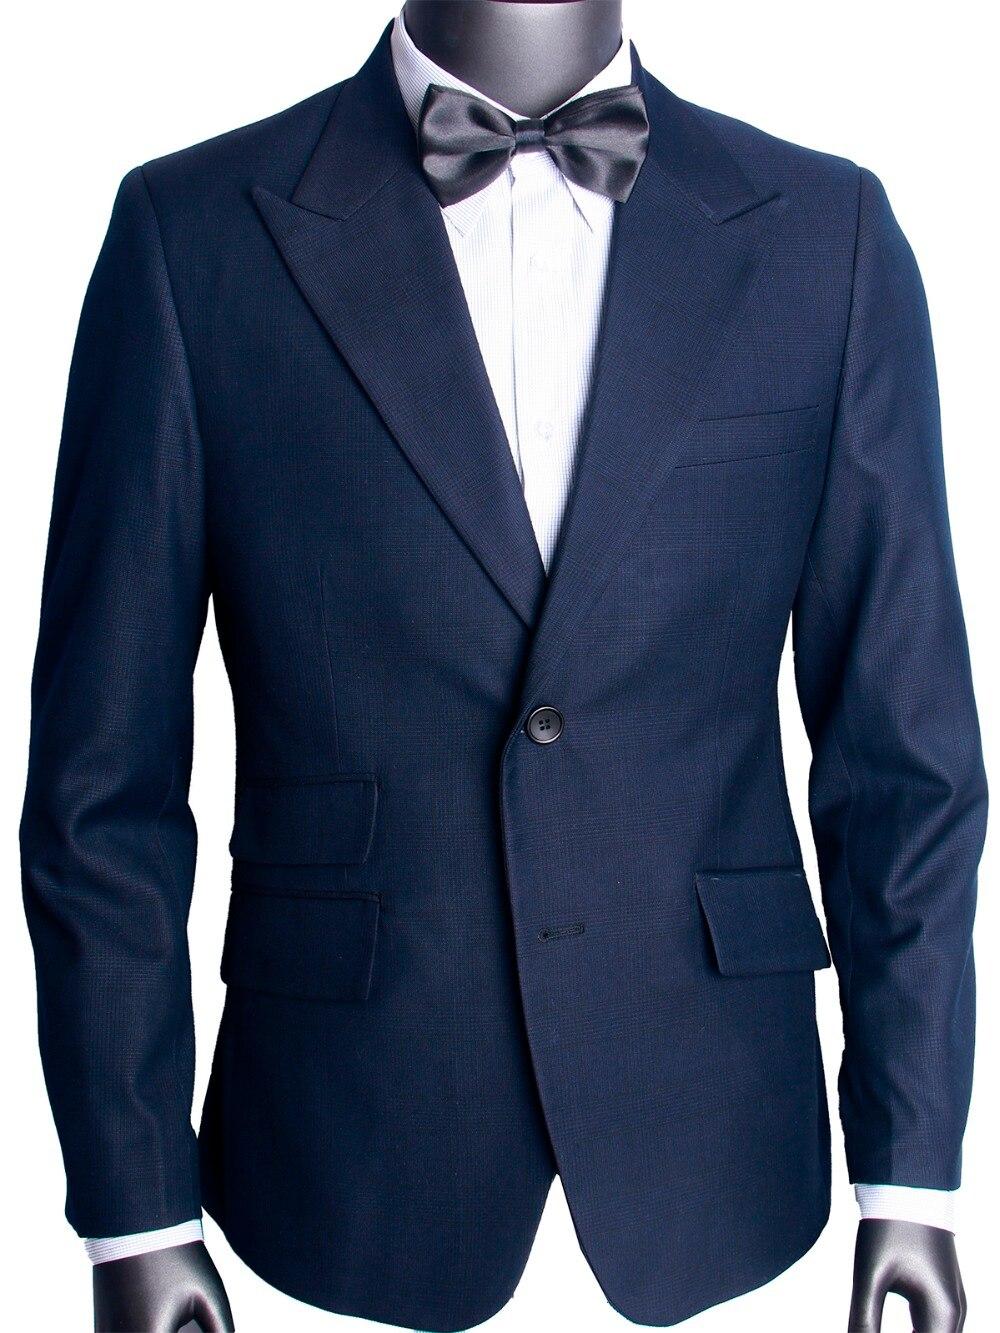 Bleu nuit subtil Glen Check hommes costume sur mesure Slim Fit Glen Plaid deux pièces costume décontracté pic revers avec poche Ticket-in Costumes from Vêtements homme    1